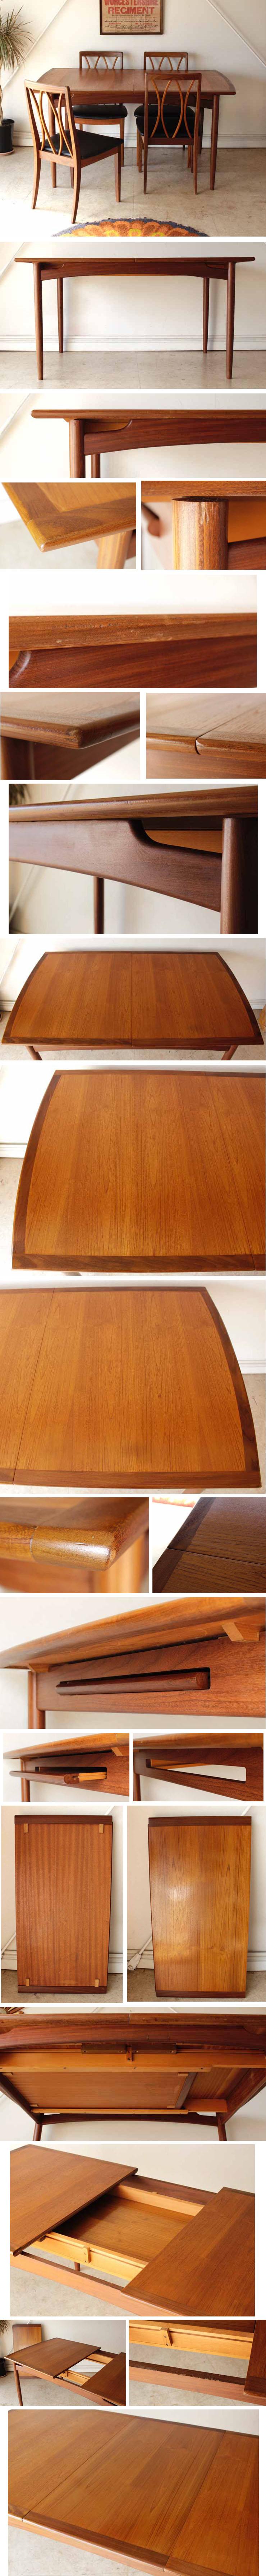 ジープラン・G-plan・ダイニングテーブル・エクステンション・ビンテージ・家具・アンティーク・北欧・インテリア・チーク